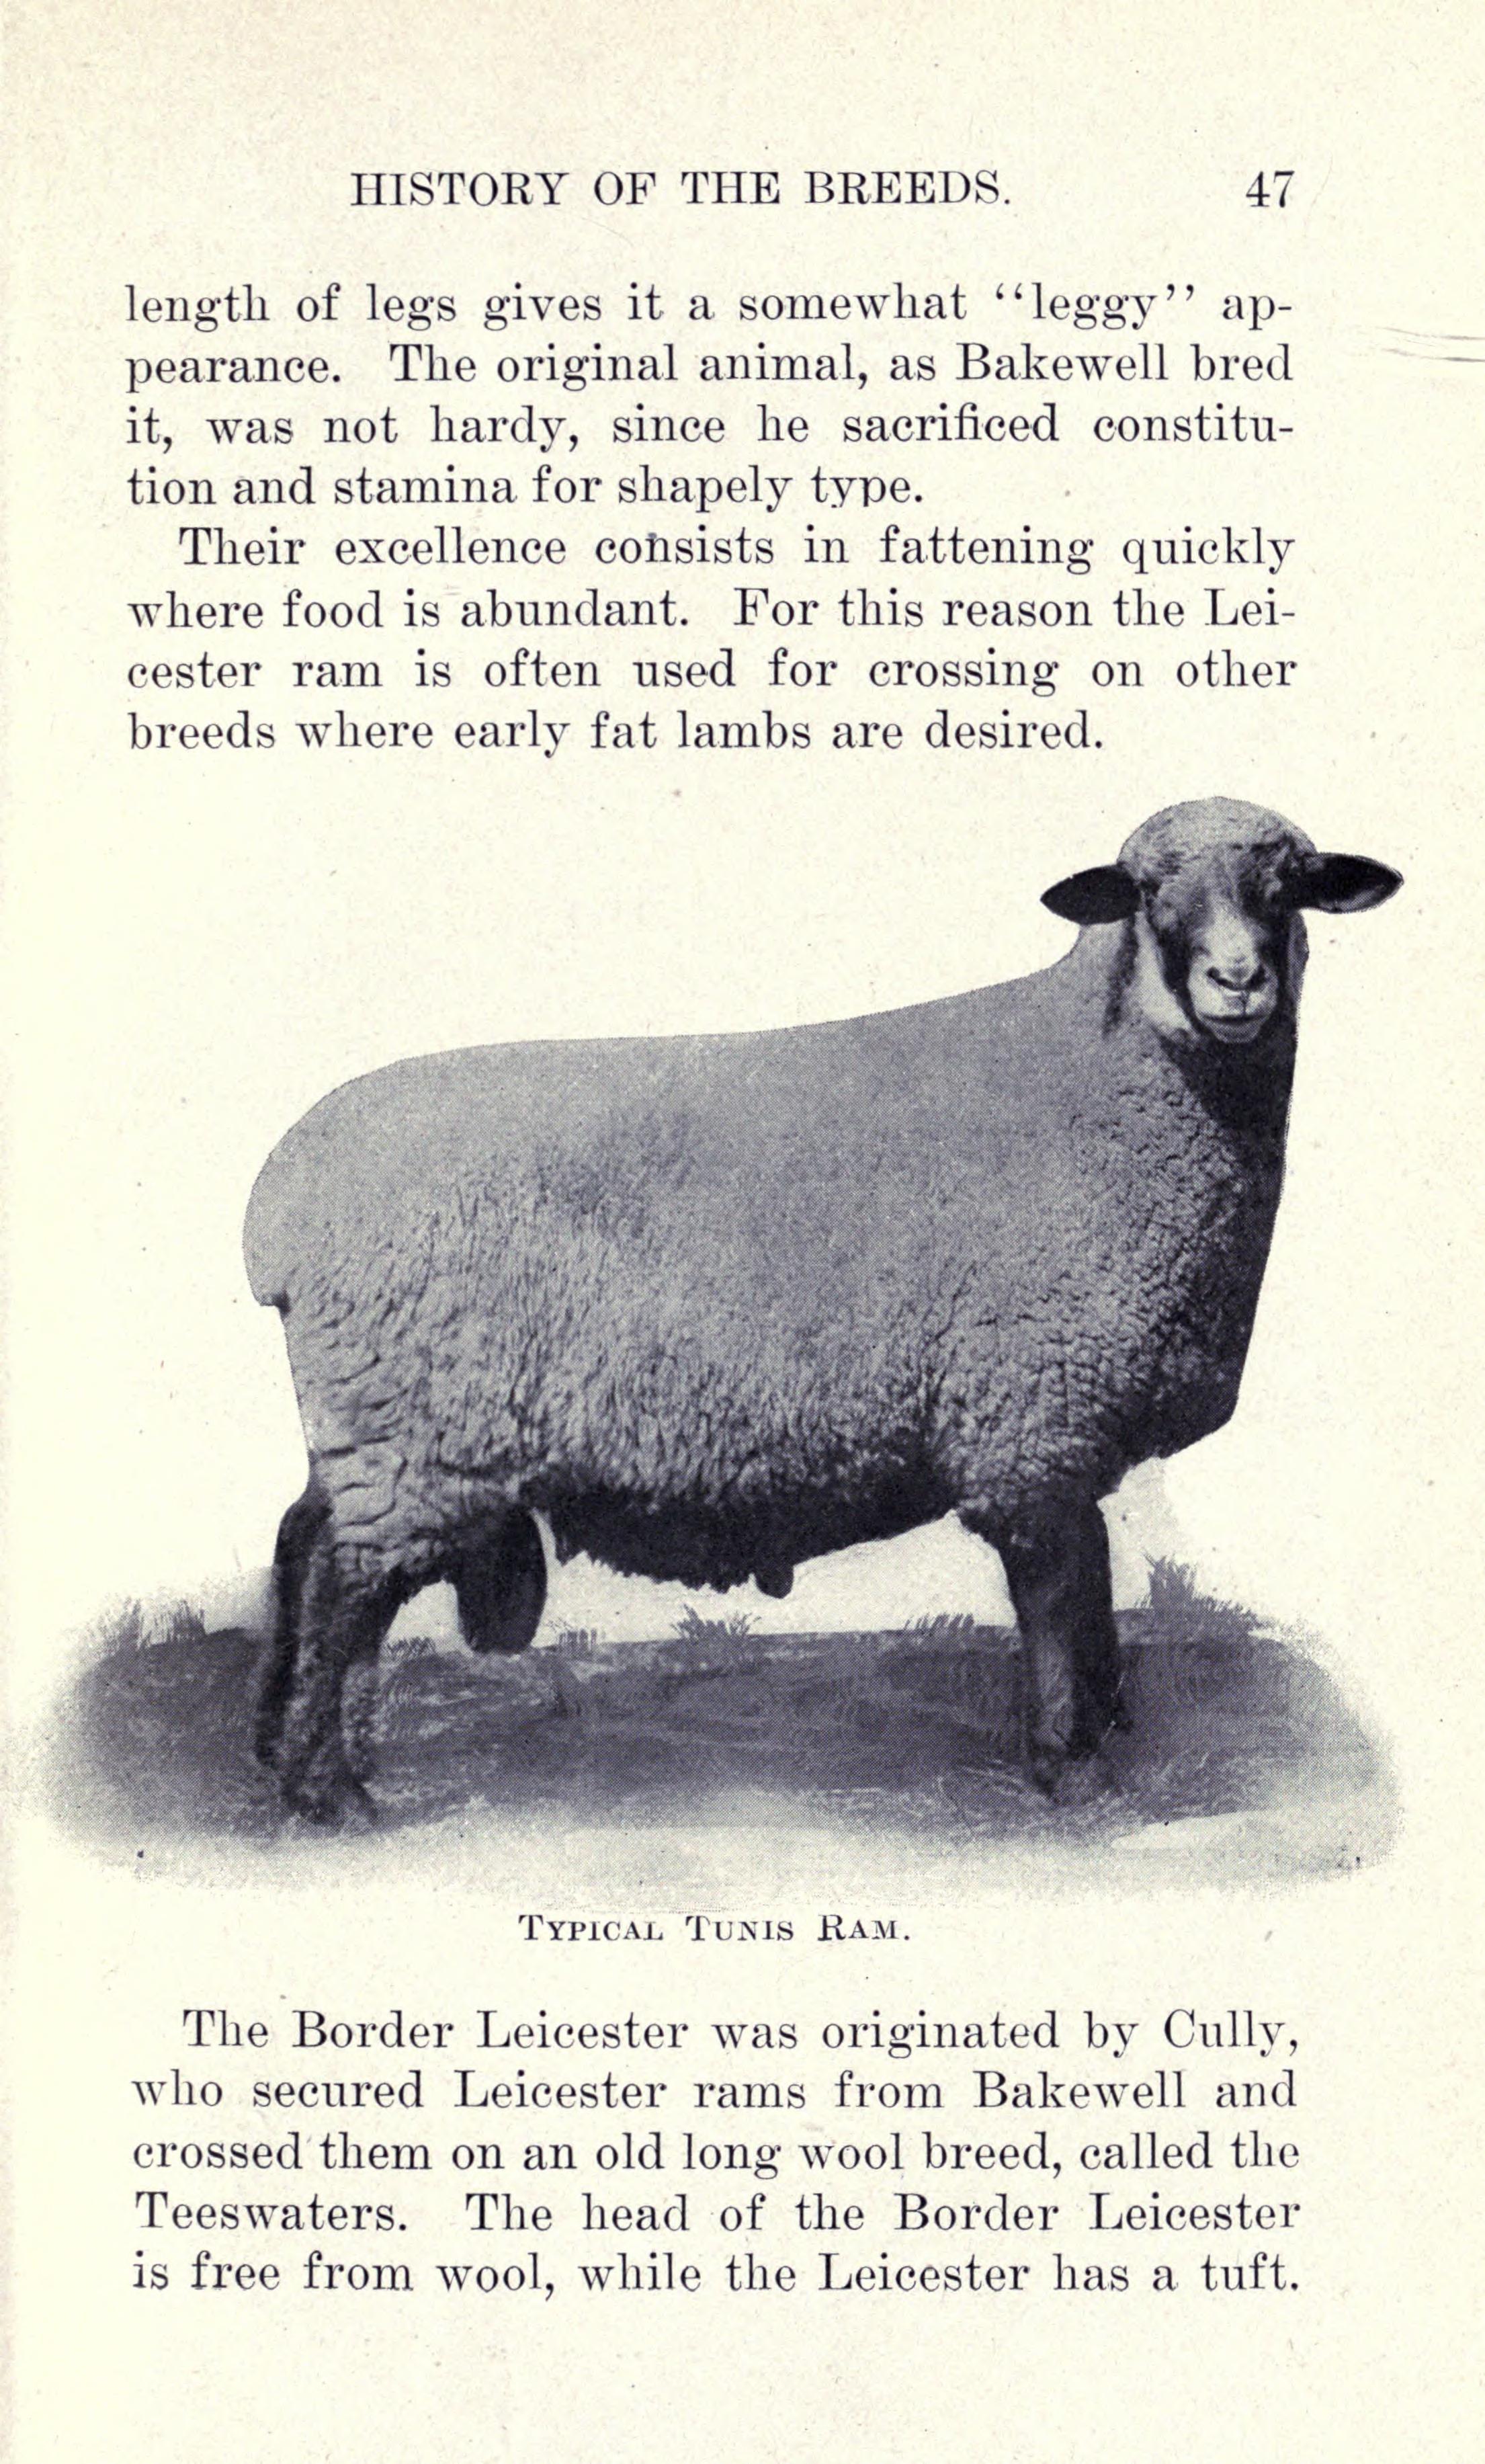 File:Sheep diseases (Page 47) BHL17869897 jpg - Wikimedia